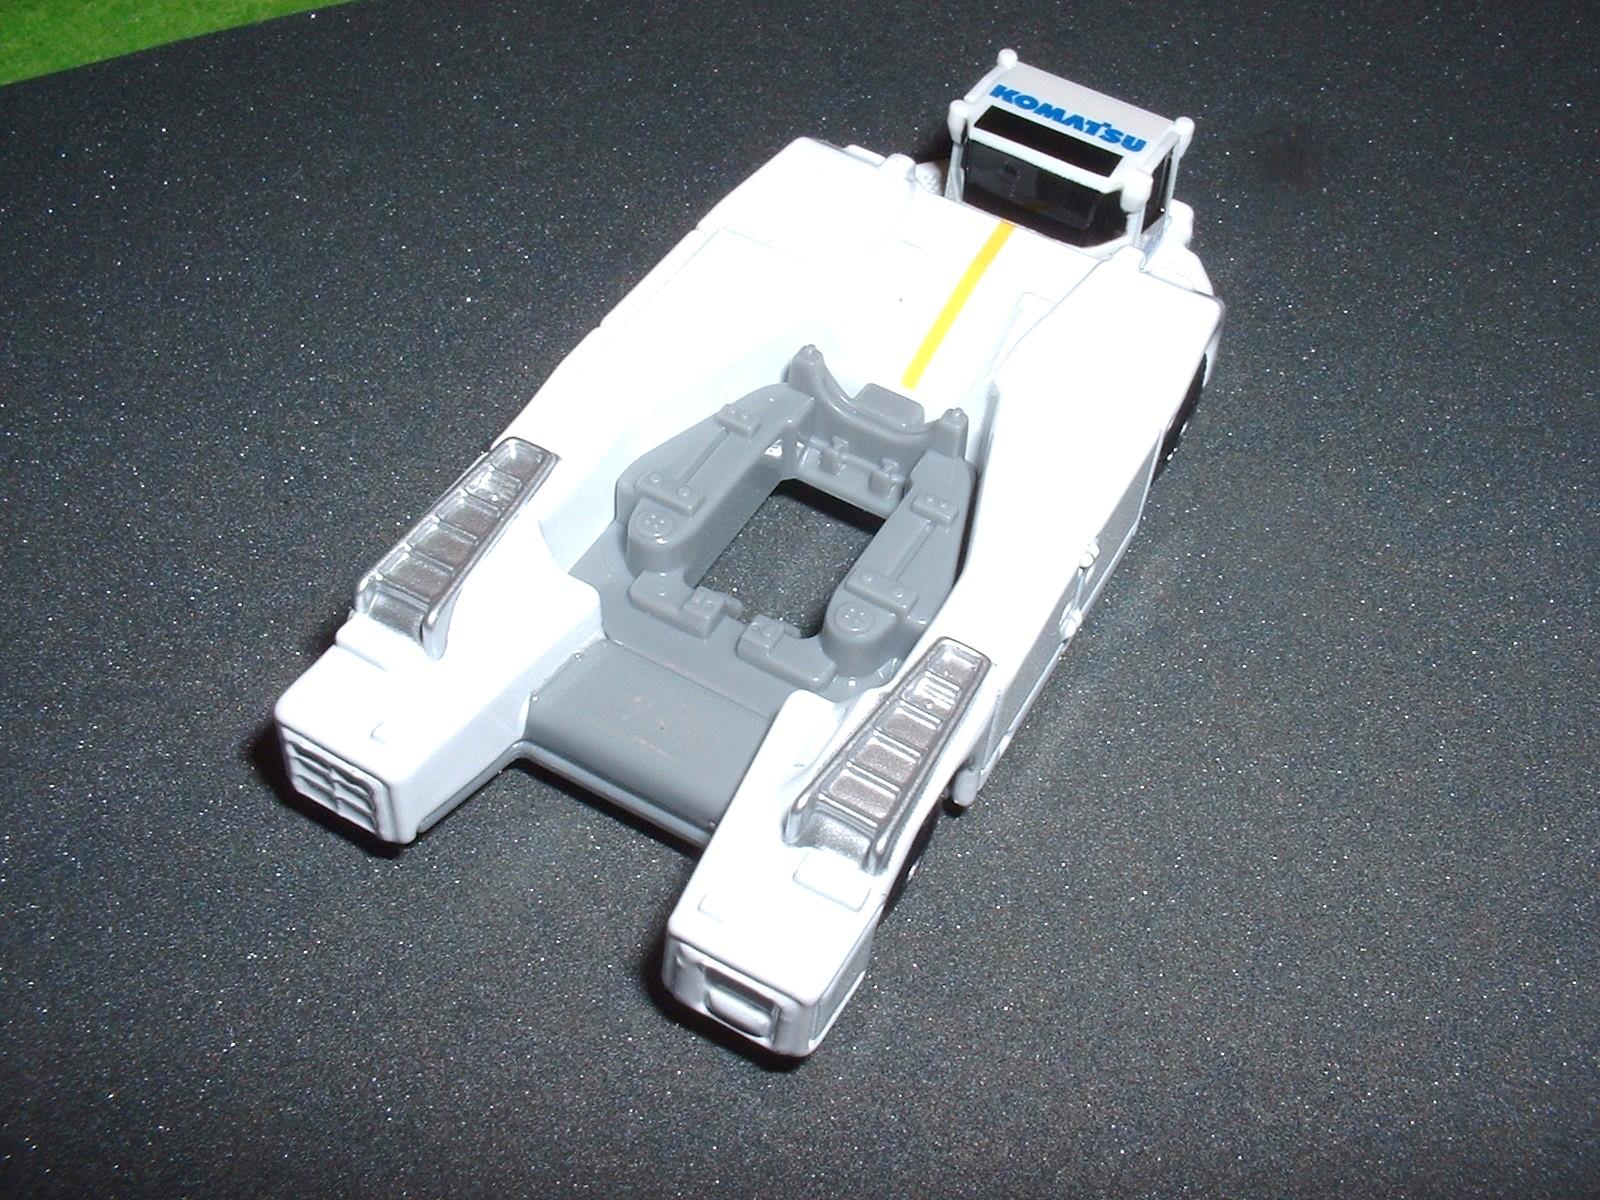 トミカ コマツ トーパレストラクター を斜め上後ろから Doburoku-TAO.JPG